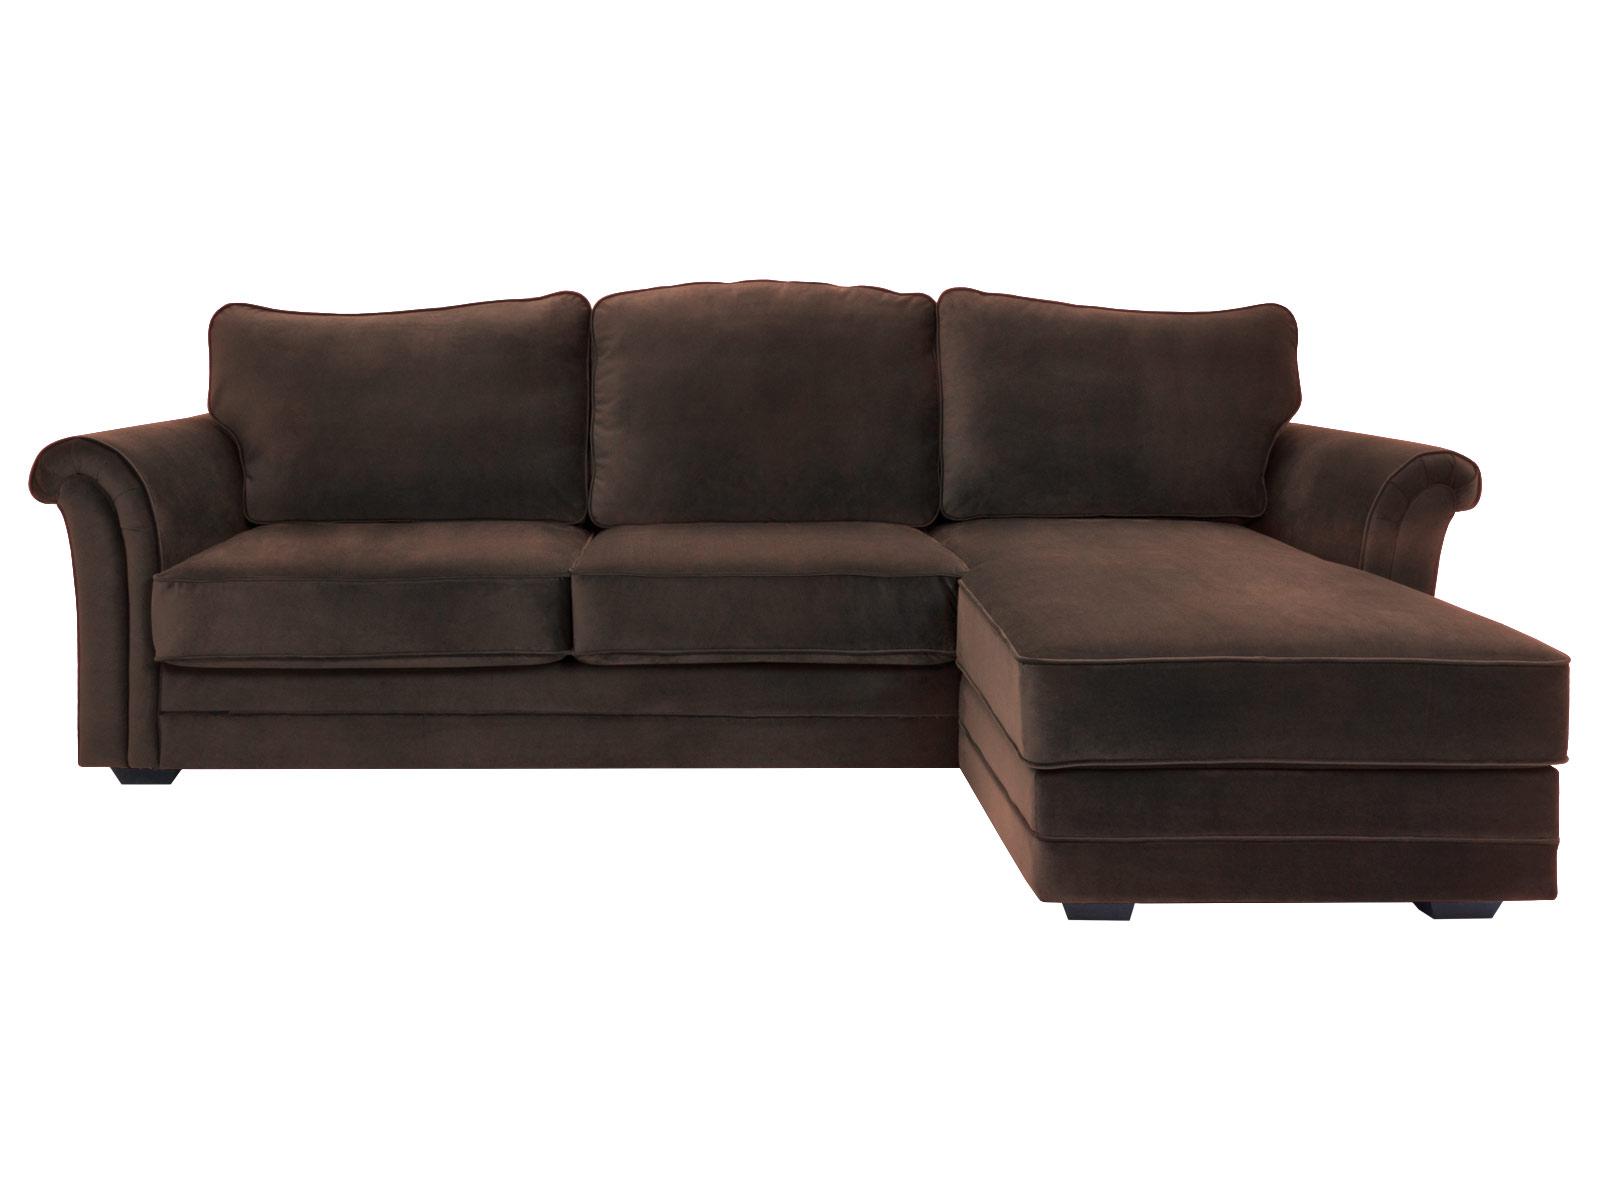 Диван SydУгловые раскладные диваны<br>&amp;lt;div&amp;gt;А вам под силу придумать больше двух вариантов, как можно расположиться на диване? Syd поможет вам эспериментировать. Благодаря угловой оттоманке и раскладному механизму, вариантов теперь -- тысячи! Плавные линии спинки и подлокотников прекрасно дополнят прованский интерьер. А удобные ящики для хранения позволят сэкономить место.&amp;lt;/div&amp;gt;&amp;lt;div&amp;gt;Оттоманка может располагаться как с правой, так и с левой стороны.&amp;amp;nbsp;&amp;lt;/div&amp;gt;&amp;lt;div&amp;gt;&amp;lt;br&amp;gt;&amp;lt;/div&amp;gt;&amp;lt;div&amp;gt;Каркас: деревянный брус, фанера&amp;lt;/div&amp;gt;&amp;lt;div&amp;gt;Подушки спинок: синтетическое волокно «синтепух»&amp;lt;/div&amp;gt;&amp;lt;div&amp;gt;Подушки сидений: пенополиуретан, синтепон, пружинный блок&amp;lt;/div&amp;gt;&amp;lt;div&amp;gt;Обивка: 100% полиэстер&amp;lt;/div&amp;gt;&amp;lt;div&amp;gt;&amp;lt;br&amp;gt;&amp;lt;/div&amp;gt;&amp;lt;div&amp;gt;Размер спального места 184х133 см.&amp;lt;/div&amp;gt;&amp;lt;div&amp;gt;Лицевые чехлы подушек съёмные&amp;lt;/div&amp;gt;&amp;lt;div&amp;gt;Глубина оттоманки:151 cм&amp;lt;/div&amp;gt;&amp;lt;div&amp;gt;Ширина сиденья:235 cм&amp;lt;/div&amp;gt;&amp;lt;div&amp;gt;Глубина сиденья:57 cм&amp;lt;/div&amp;gt;&amp;lt;div&amp;gt;Высота сиденья:48 cм&amp;lt;/div&amp;gt;<br><br>Material: Текстиль<br>Ширина см: 283<br>Высота см: 97<br>Глубина см: 173